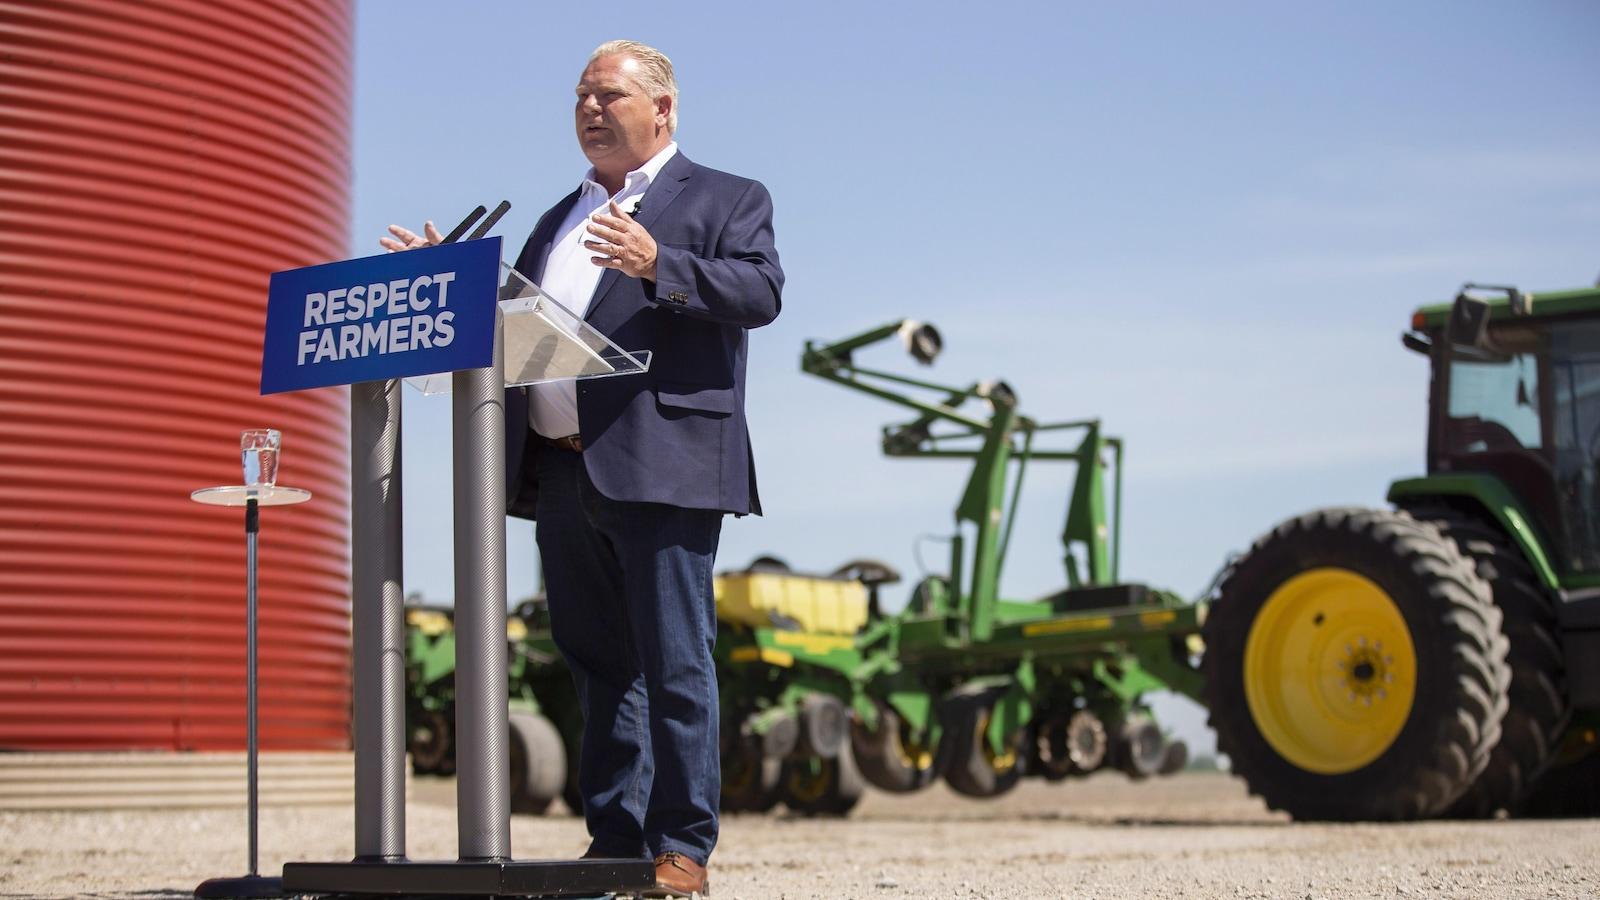 Un homme derrière un lutrin avec des tracteurs derrière lui